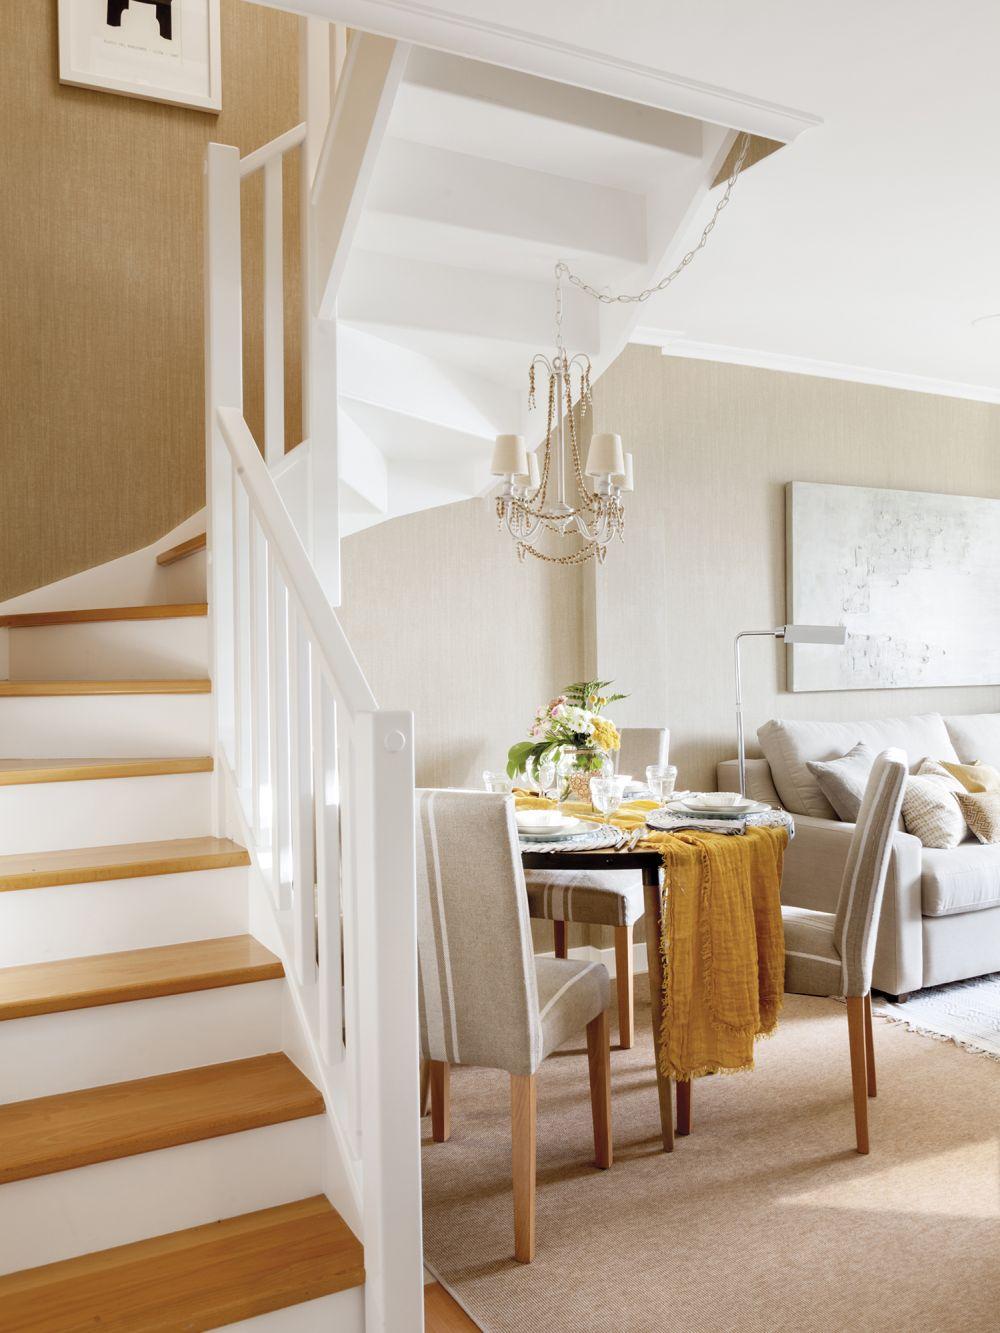 După renovare în vecinătatea scării interioare s-a făcut loc pentru sufragerie, o masă de patru locuri.